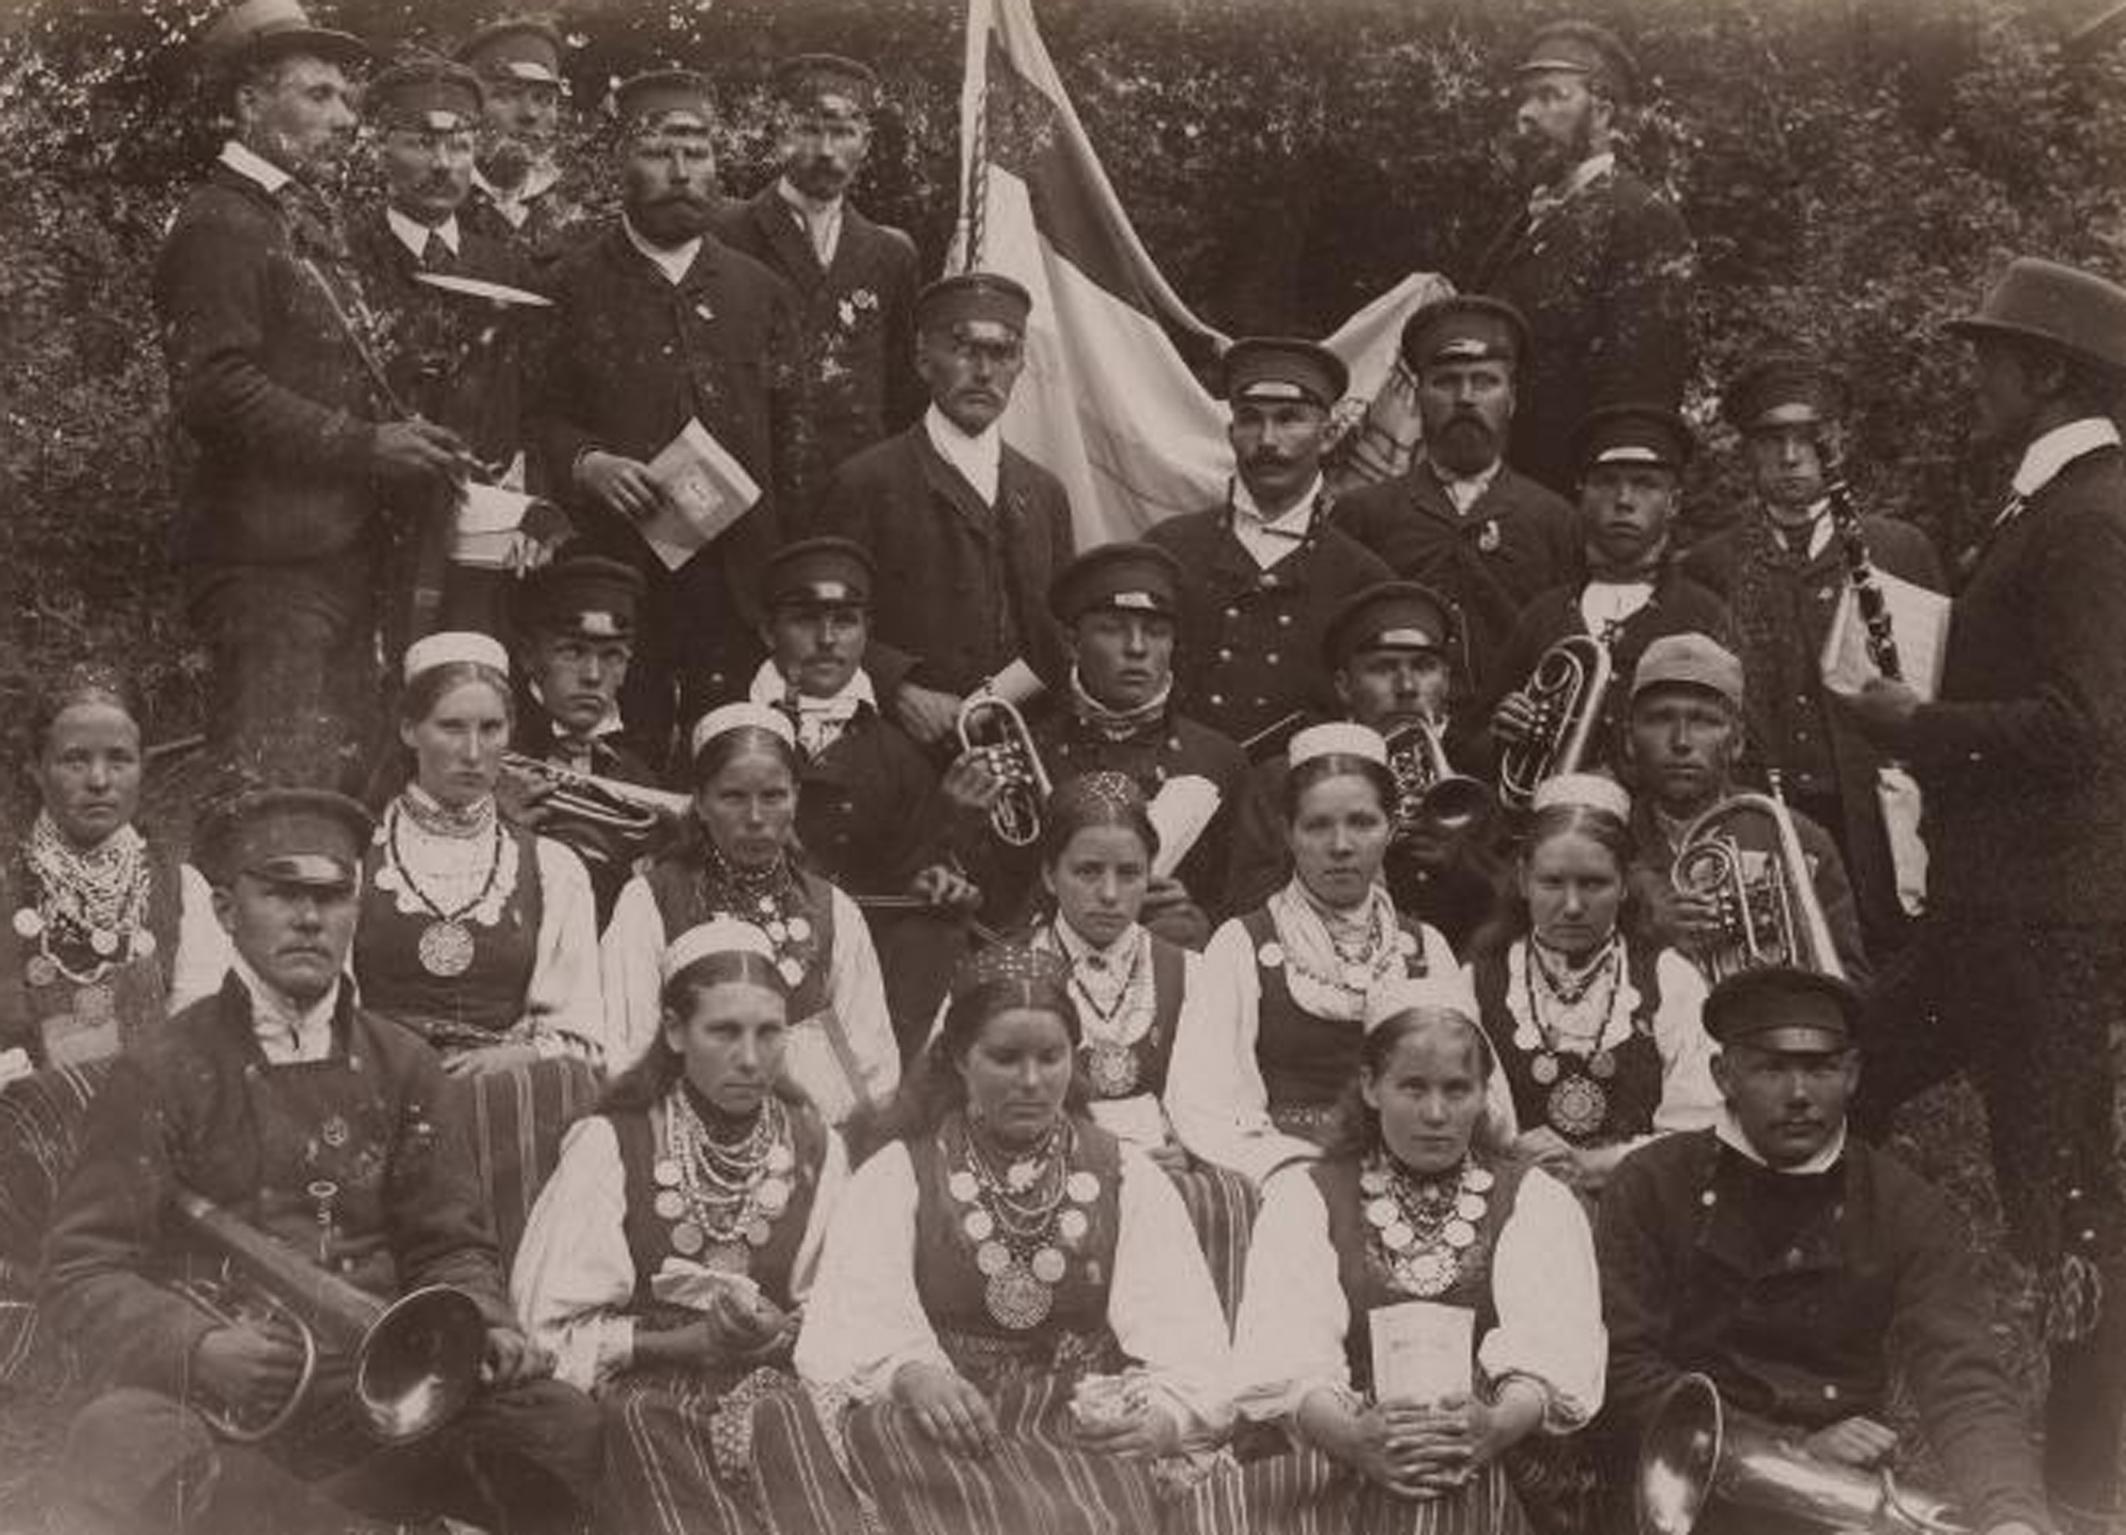 """Kullamaa muusika- ja segakoor Haapsalu laulupeol 1896. Foto: Heinrich Tiidermann. Eesti Ajaloomuuseum, Album """"Estonica"""". Etnograafilised fotod 1890ndatest (F 11684/1-321)"""